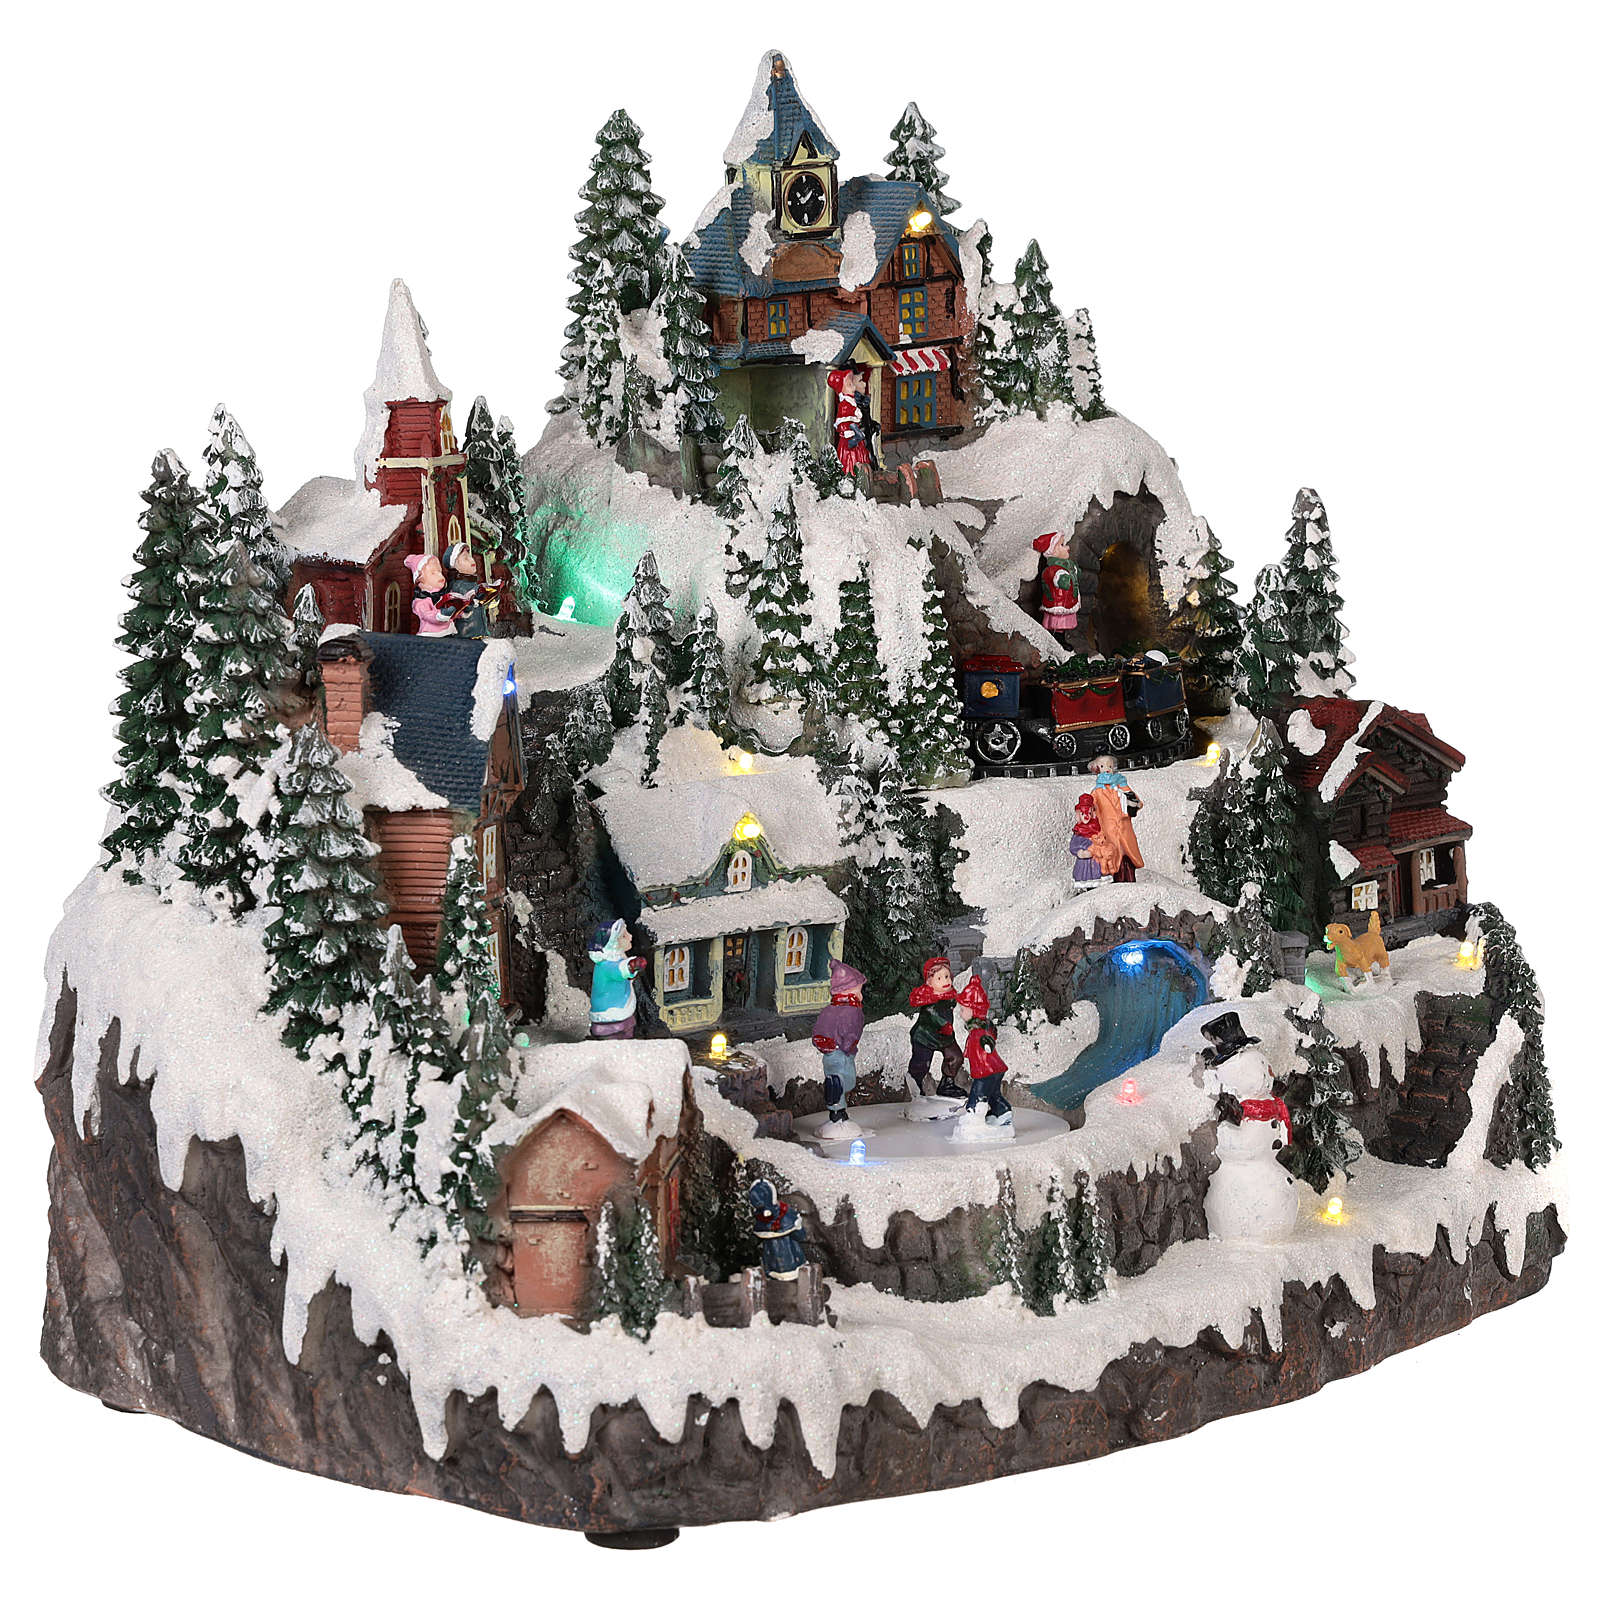 Villaggio natalizio pista pattinaggio movimento luci musica 40x30x30 3